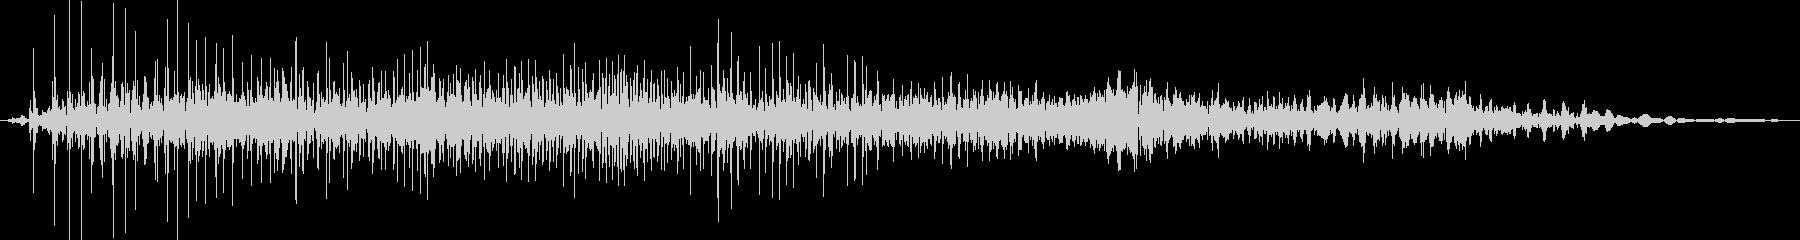 ジー(ジッパーの音※普通)の未再生の波形